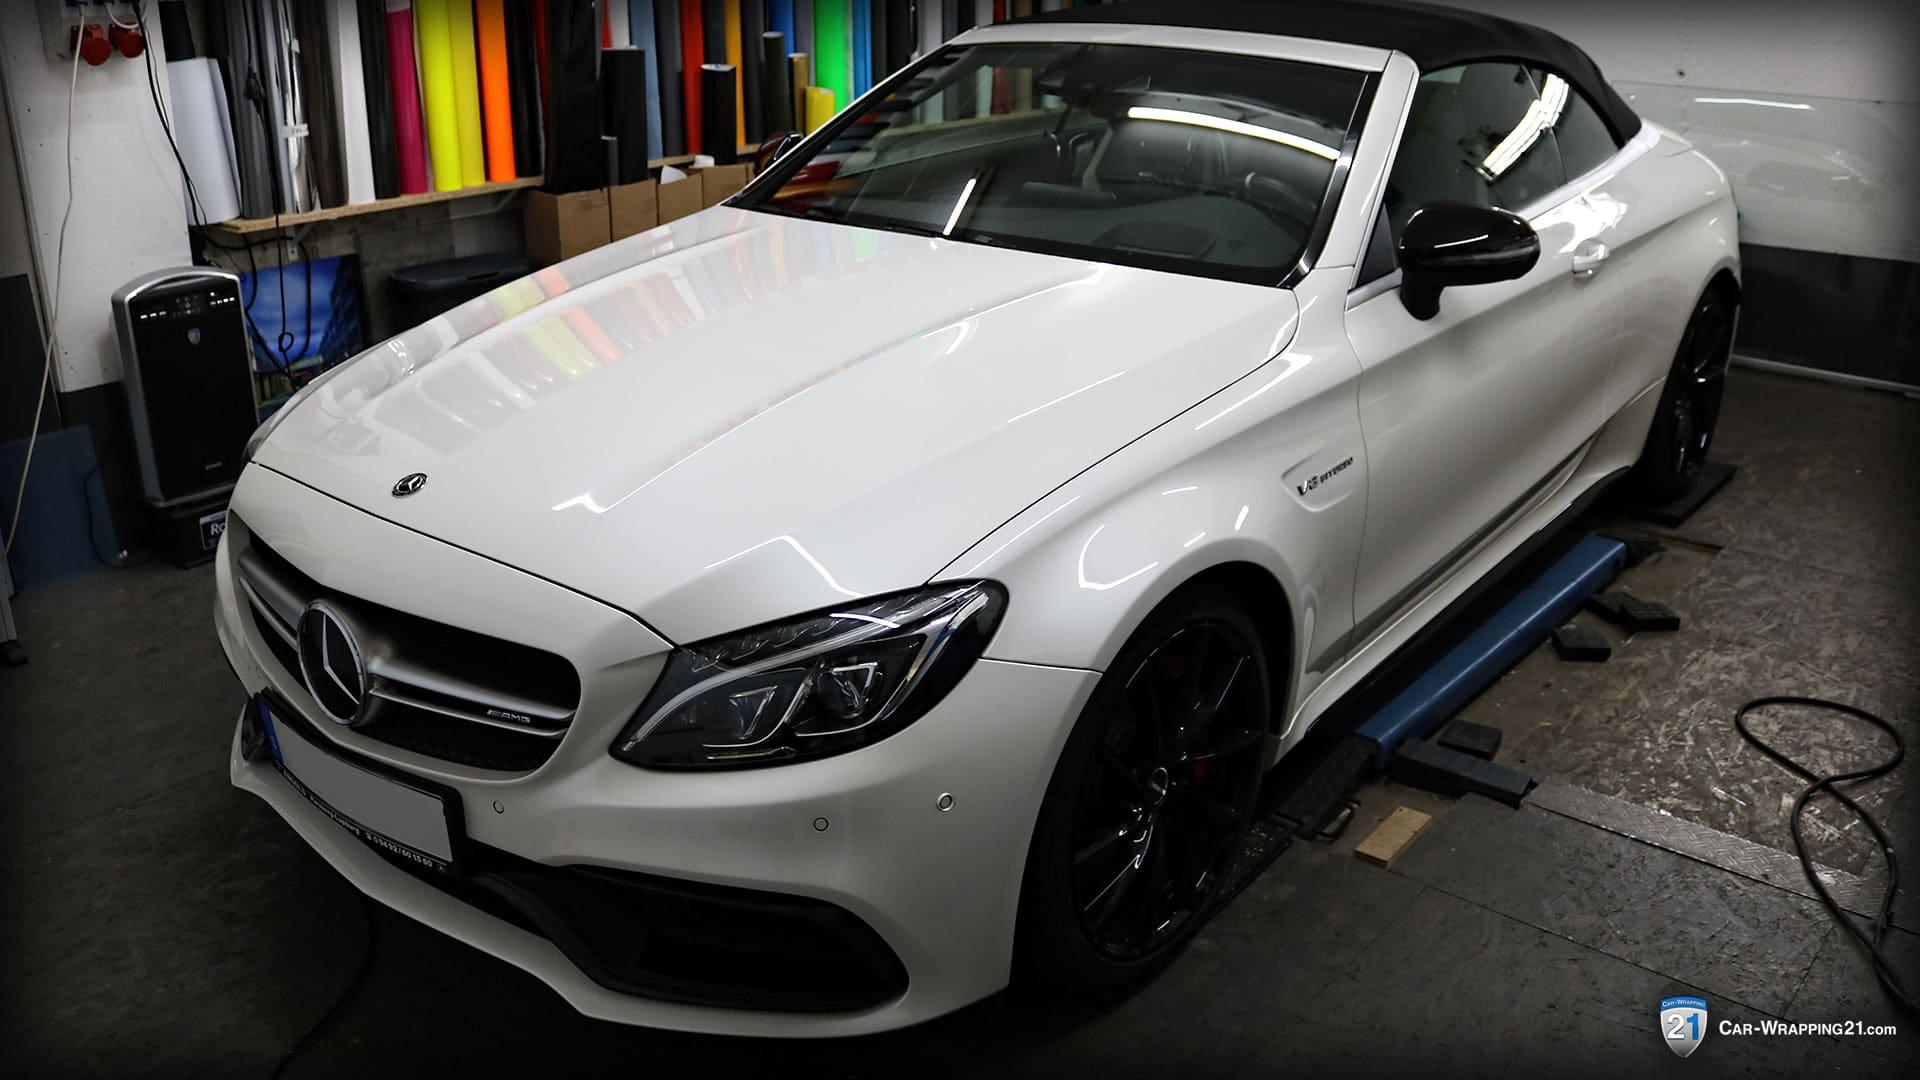 Mercedes-Benz-C63-Amg-Vollfolierung-Avery Satin Metallic Light Grey Vorher-V8-Cabrio-2016